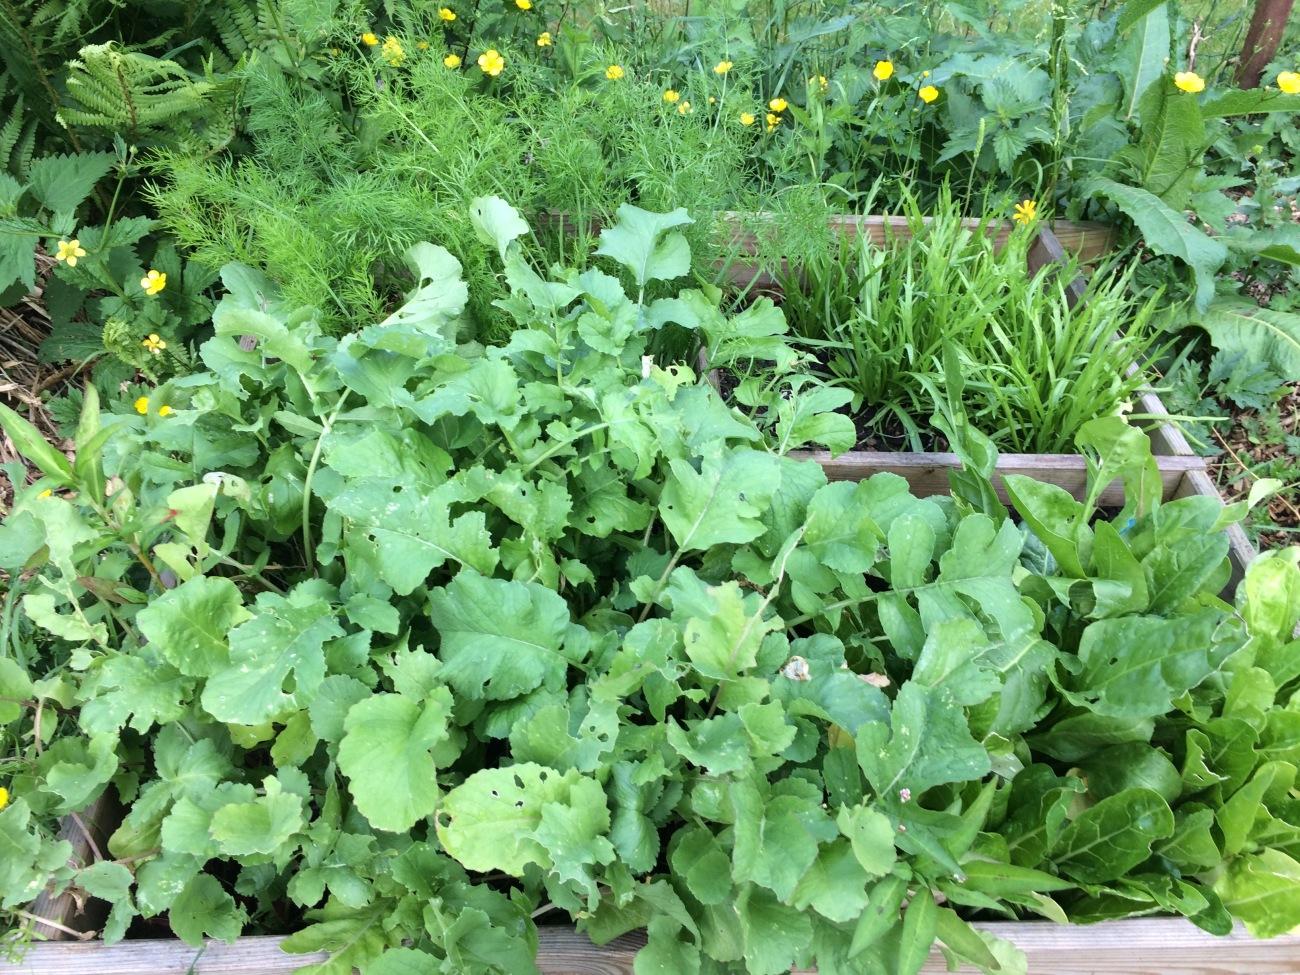 Bac à semis - radis - bettes - plantin - fenouil